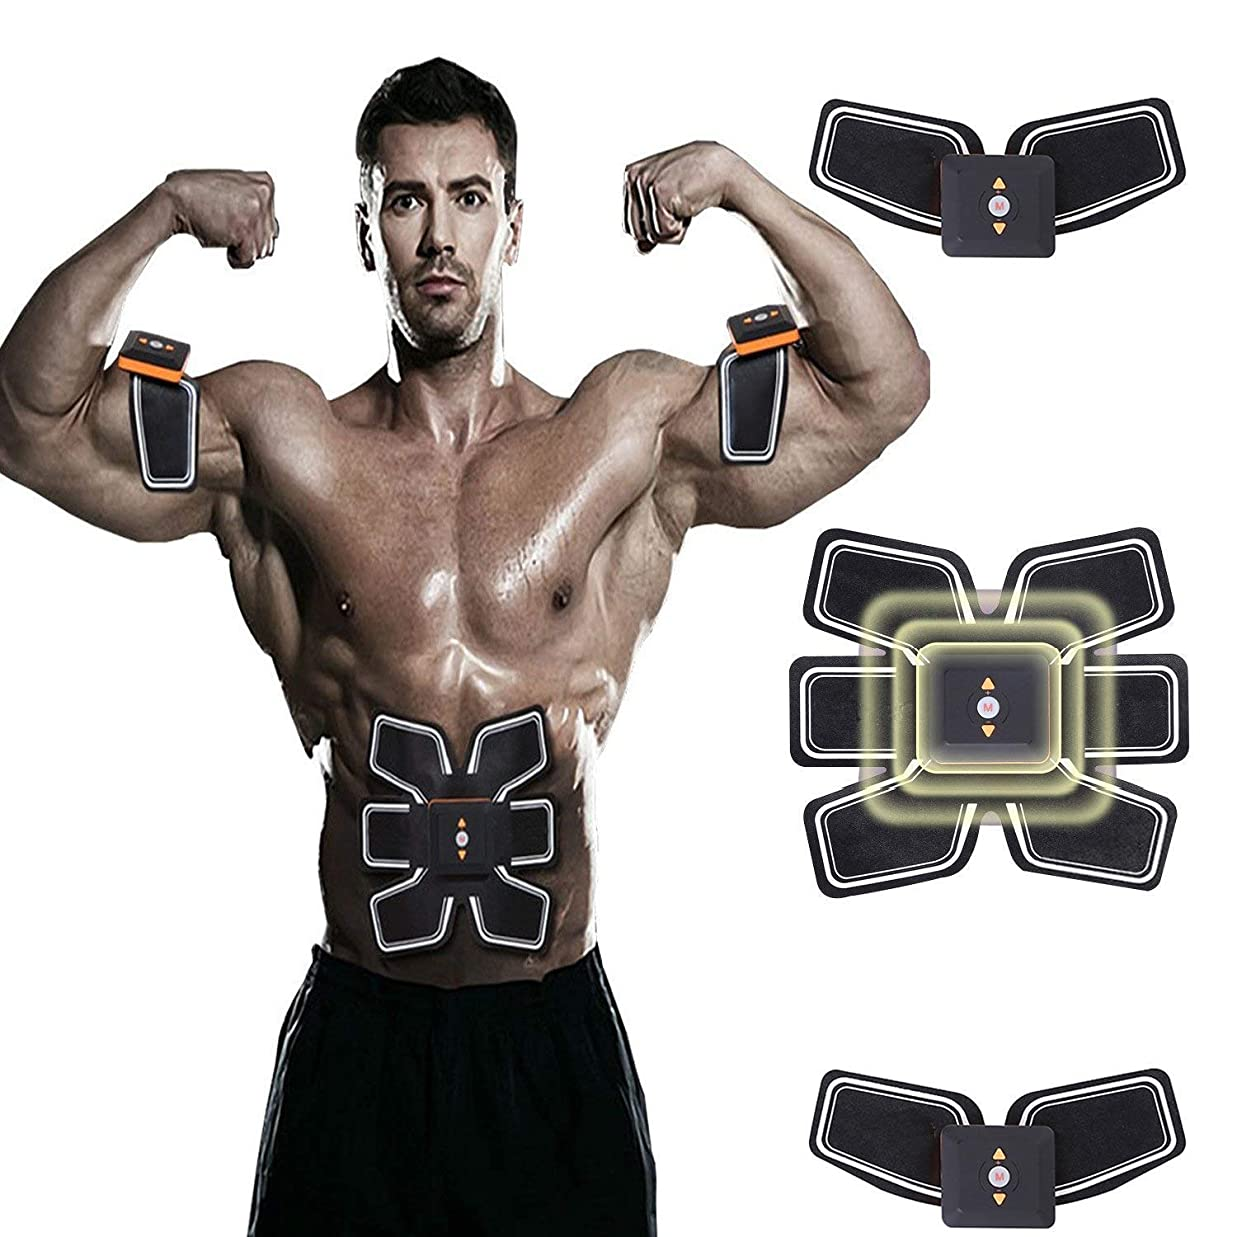 永遠のジャングルバッグGWM トレーニングマッサージ筋肉トレーニングベルトトレーナーウエストトレーナーウエストトリミングベルトEMSトレーニング機器、スマートホームオフィスフィットネス機器ユニセックス(320 * 260 * 50mm)